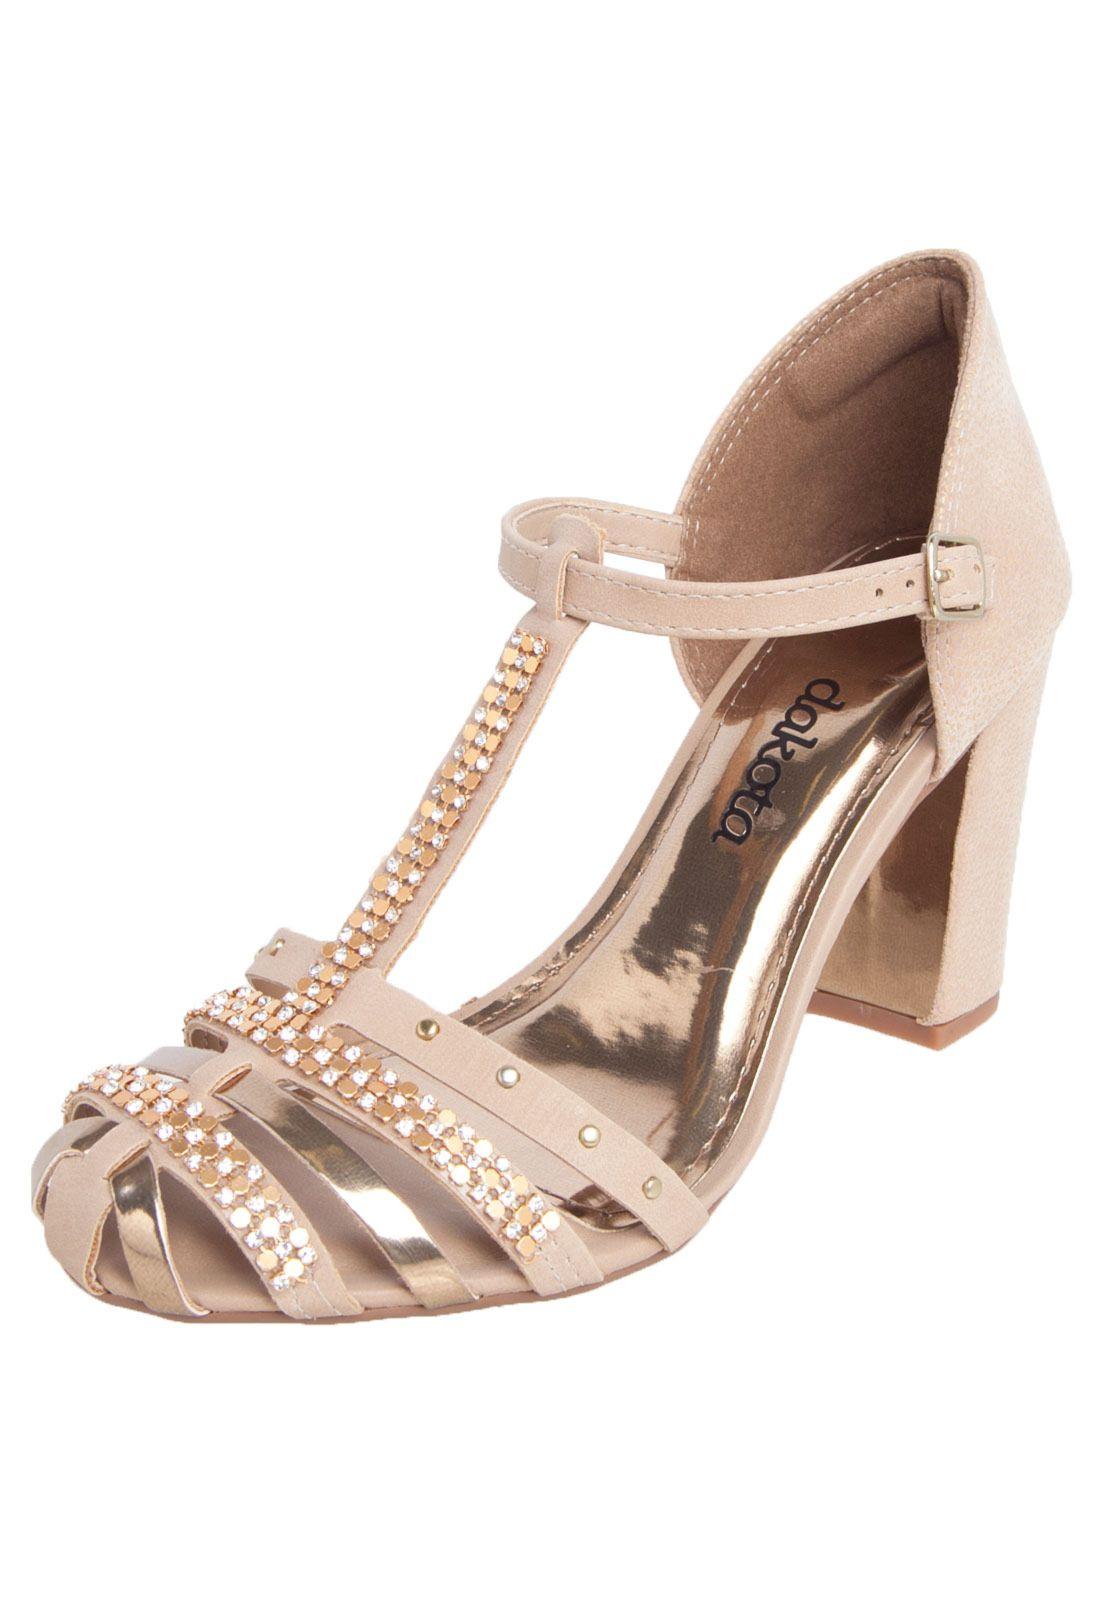 e48dc32f81 Sandália Dakota Bege - Compre Agora